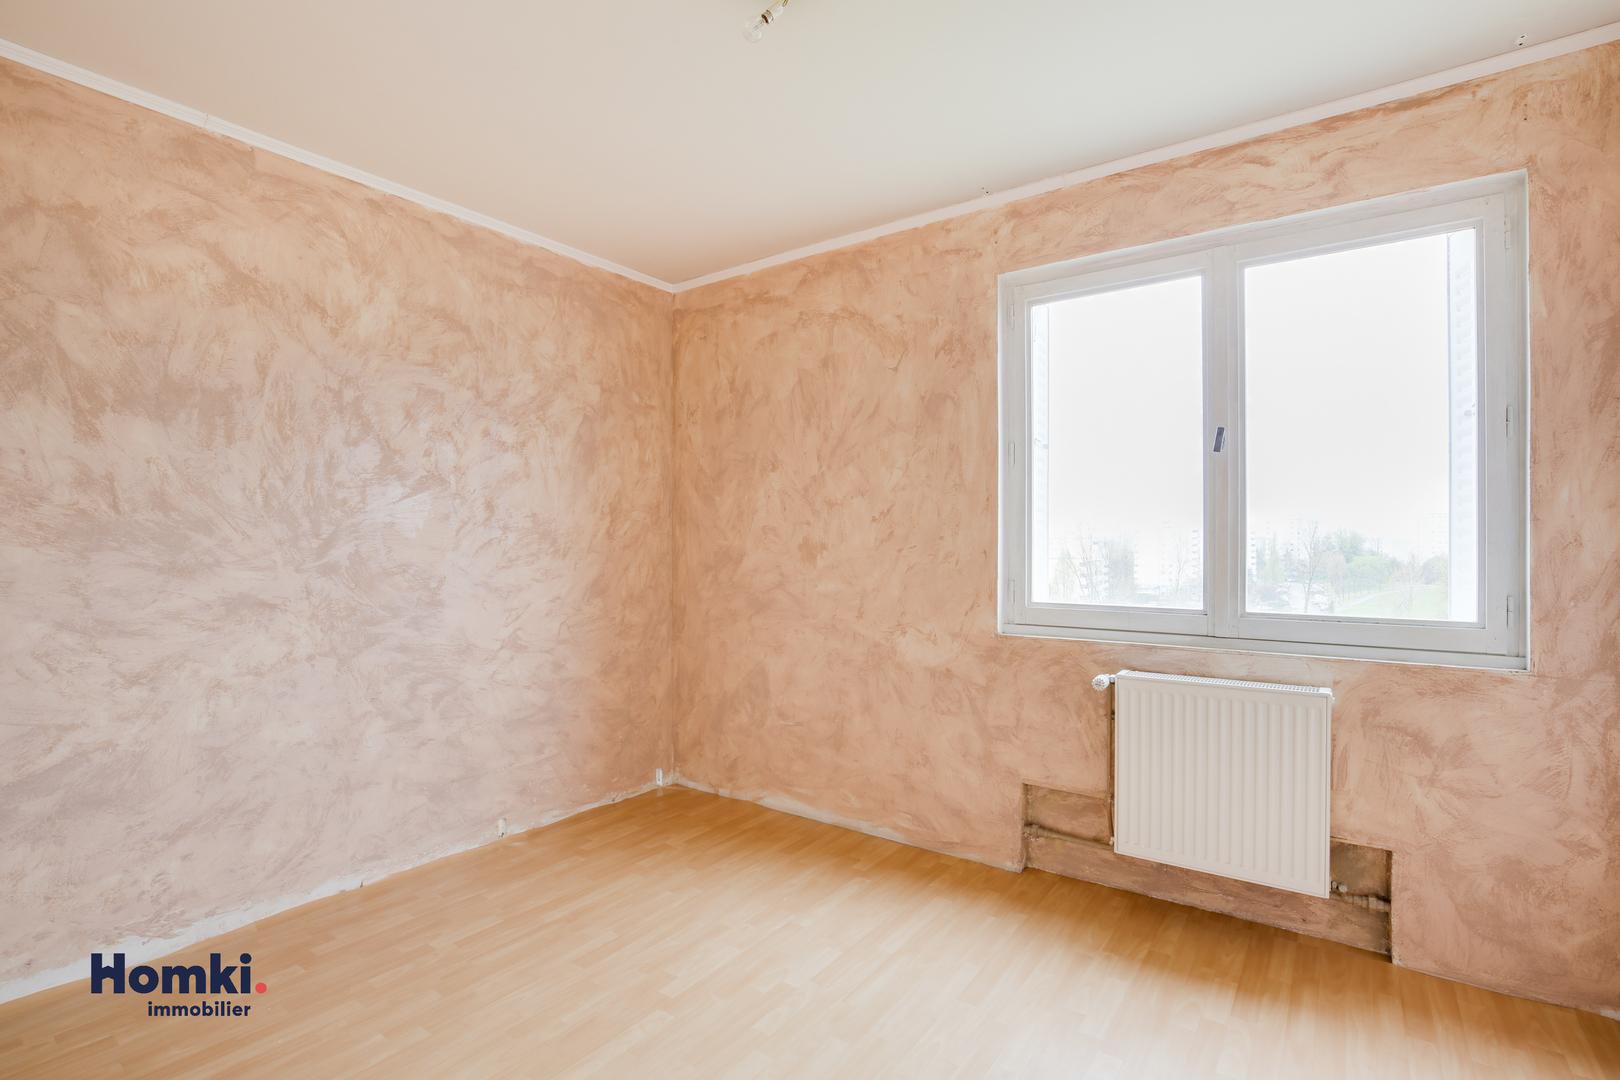 Vente appartement 75m² T4 69800_ 9